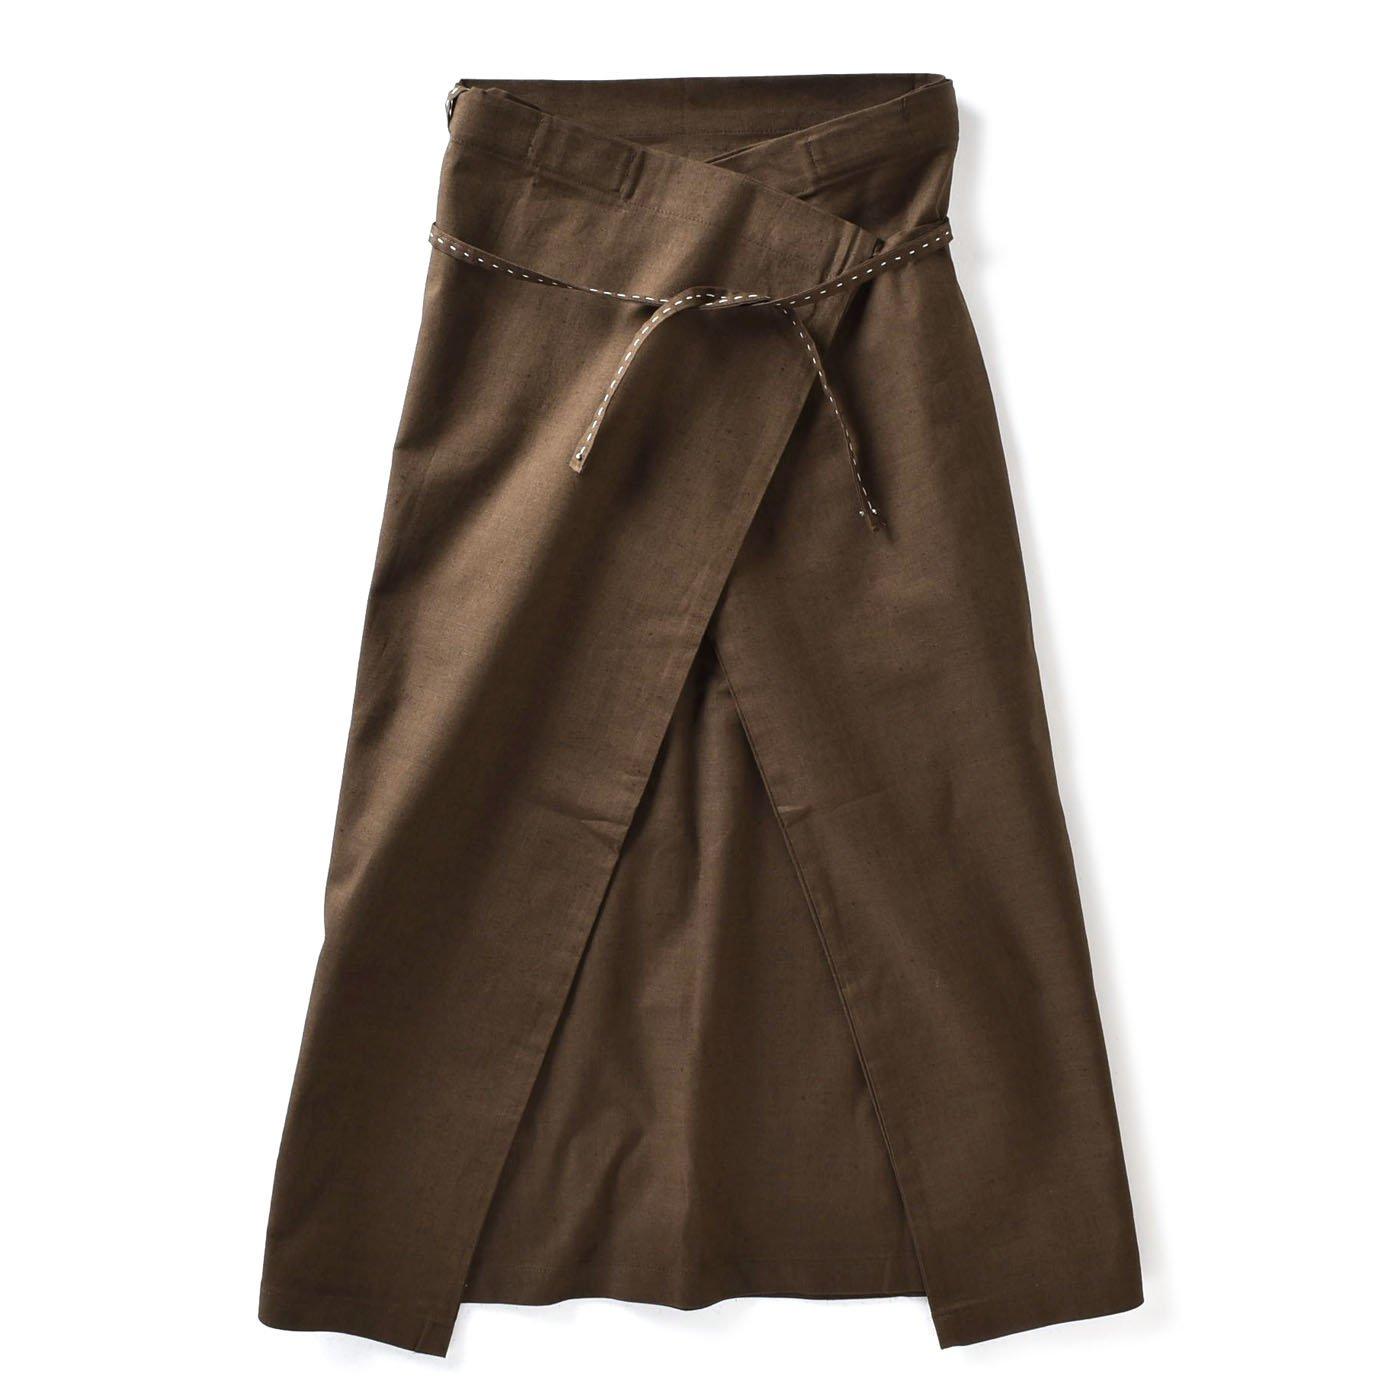 チャレンジド・クリエイティブ・プロジェクト ハンドステッチがやさしい 自在に着られる リネン混ラップスカート〈ブラウン〉